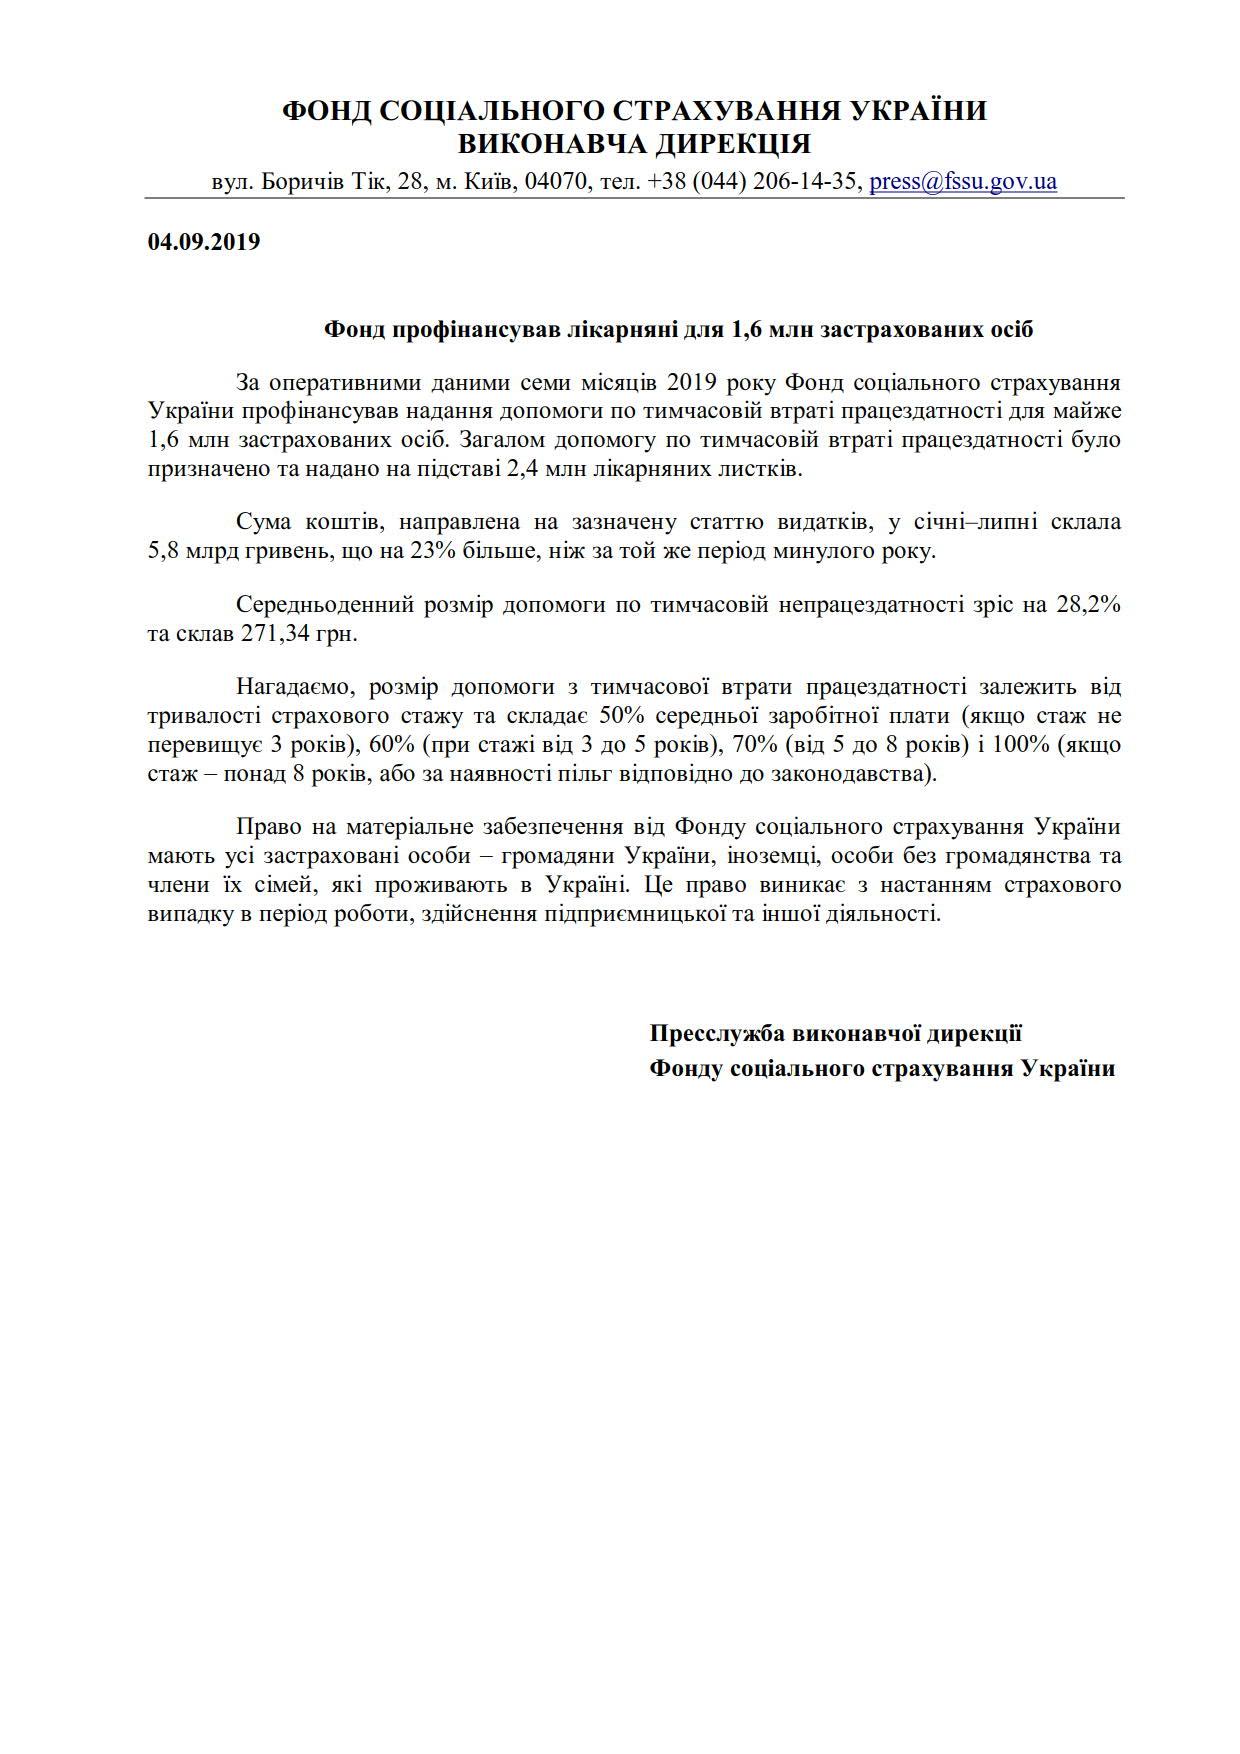 ФССУ_Лікарняні 7 міс_1